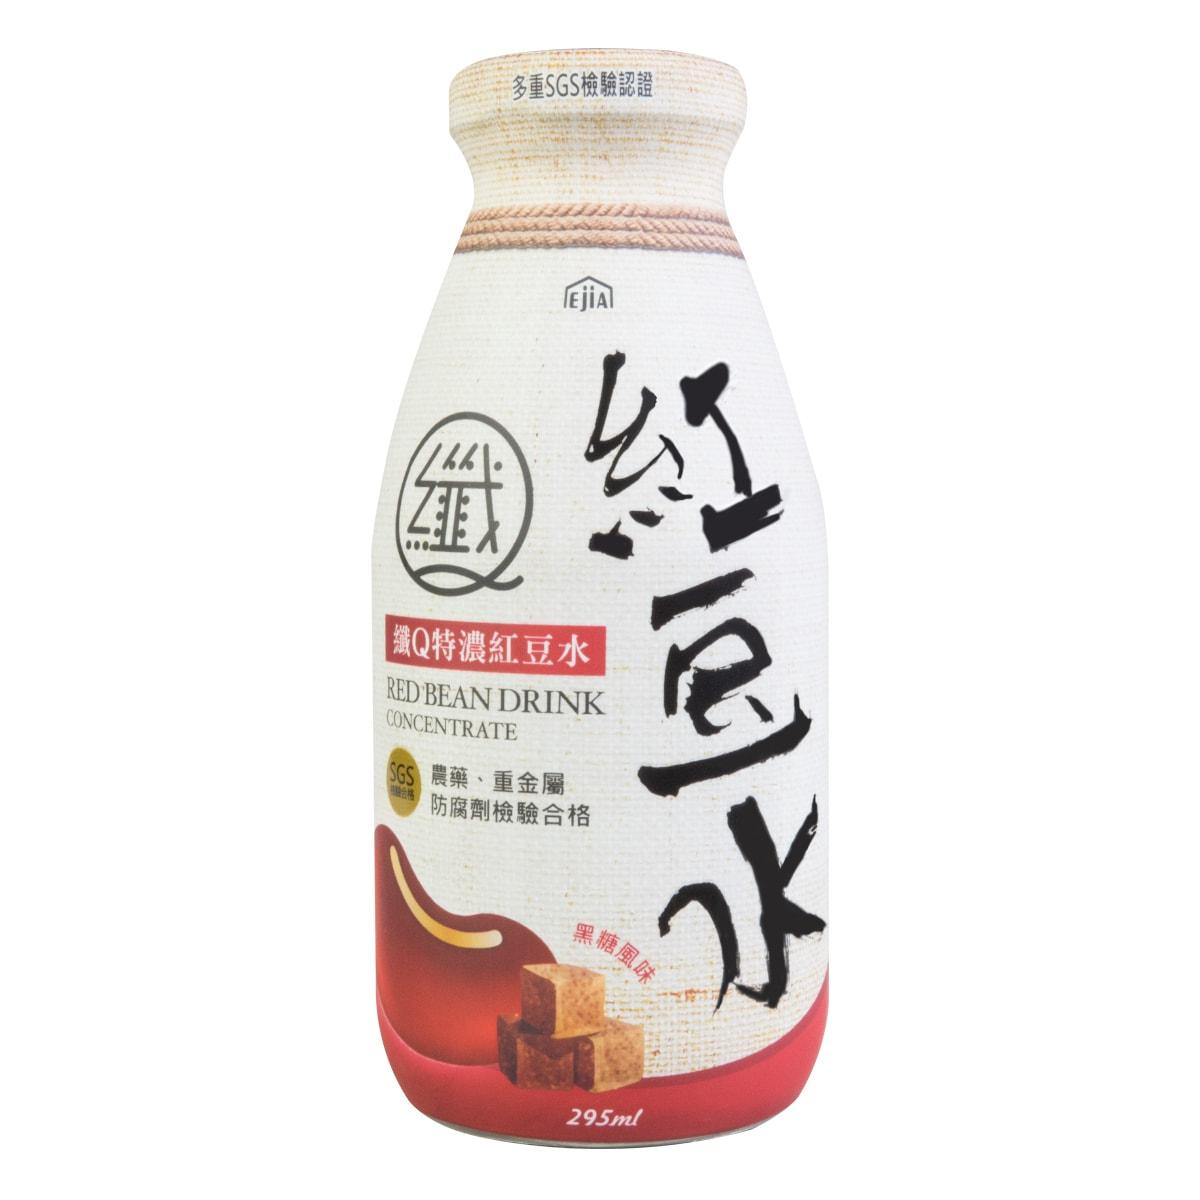 台湾易珈生技 纤Q特浓红豆水 黑糖风味  295ml 隋棠推荐